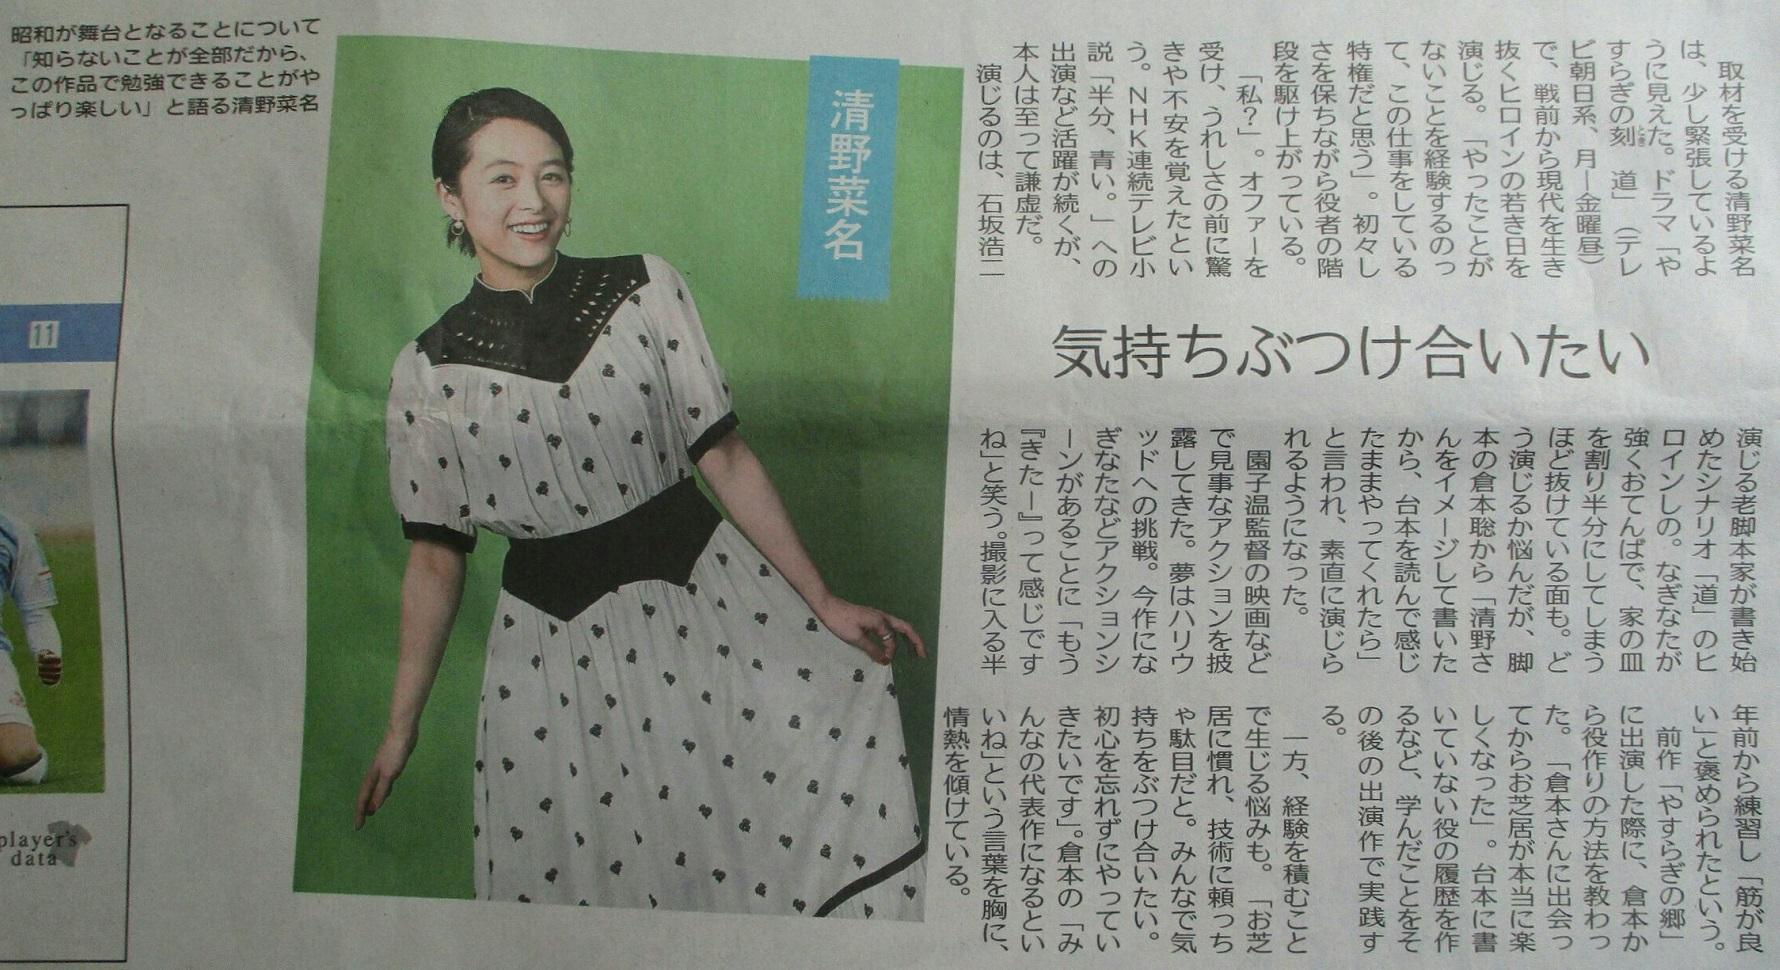 2019.5.2 (14) 静岡新聞 - 清野菜名さん 1780-970